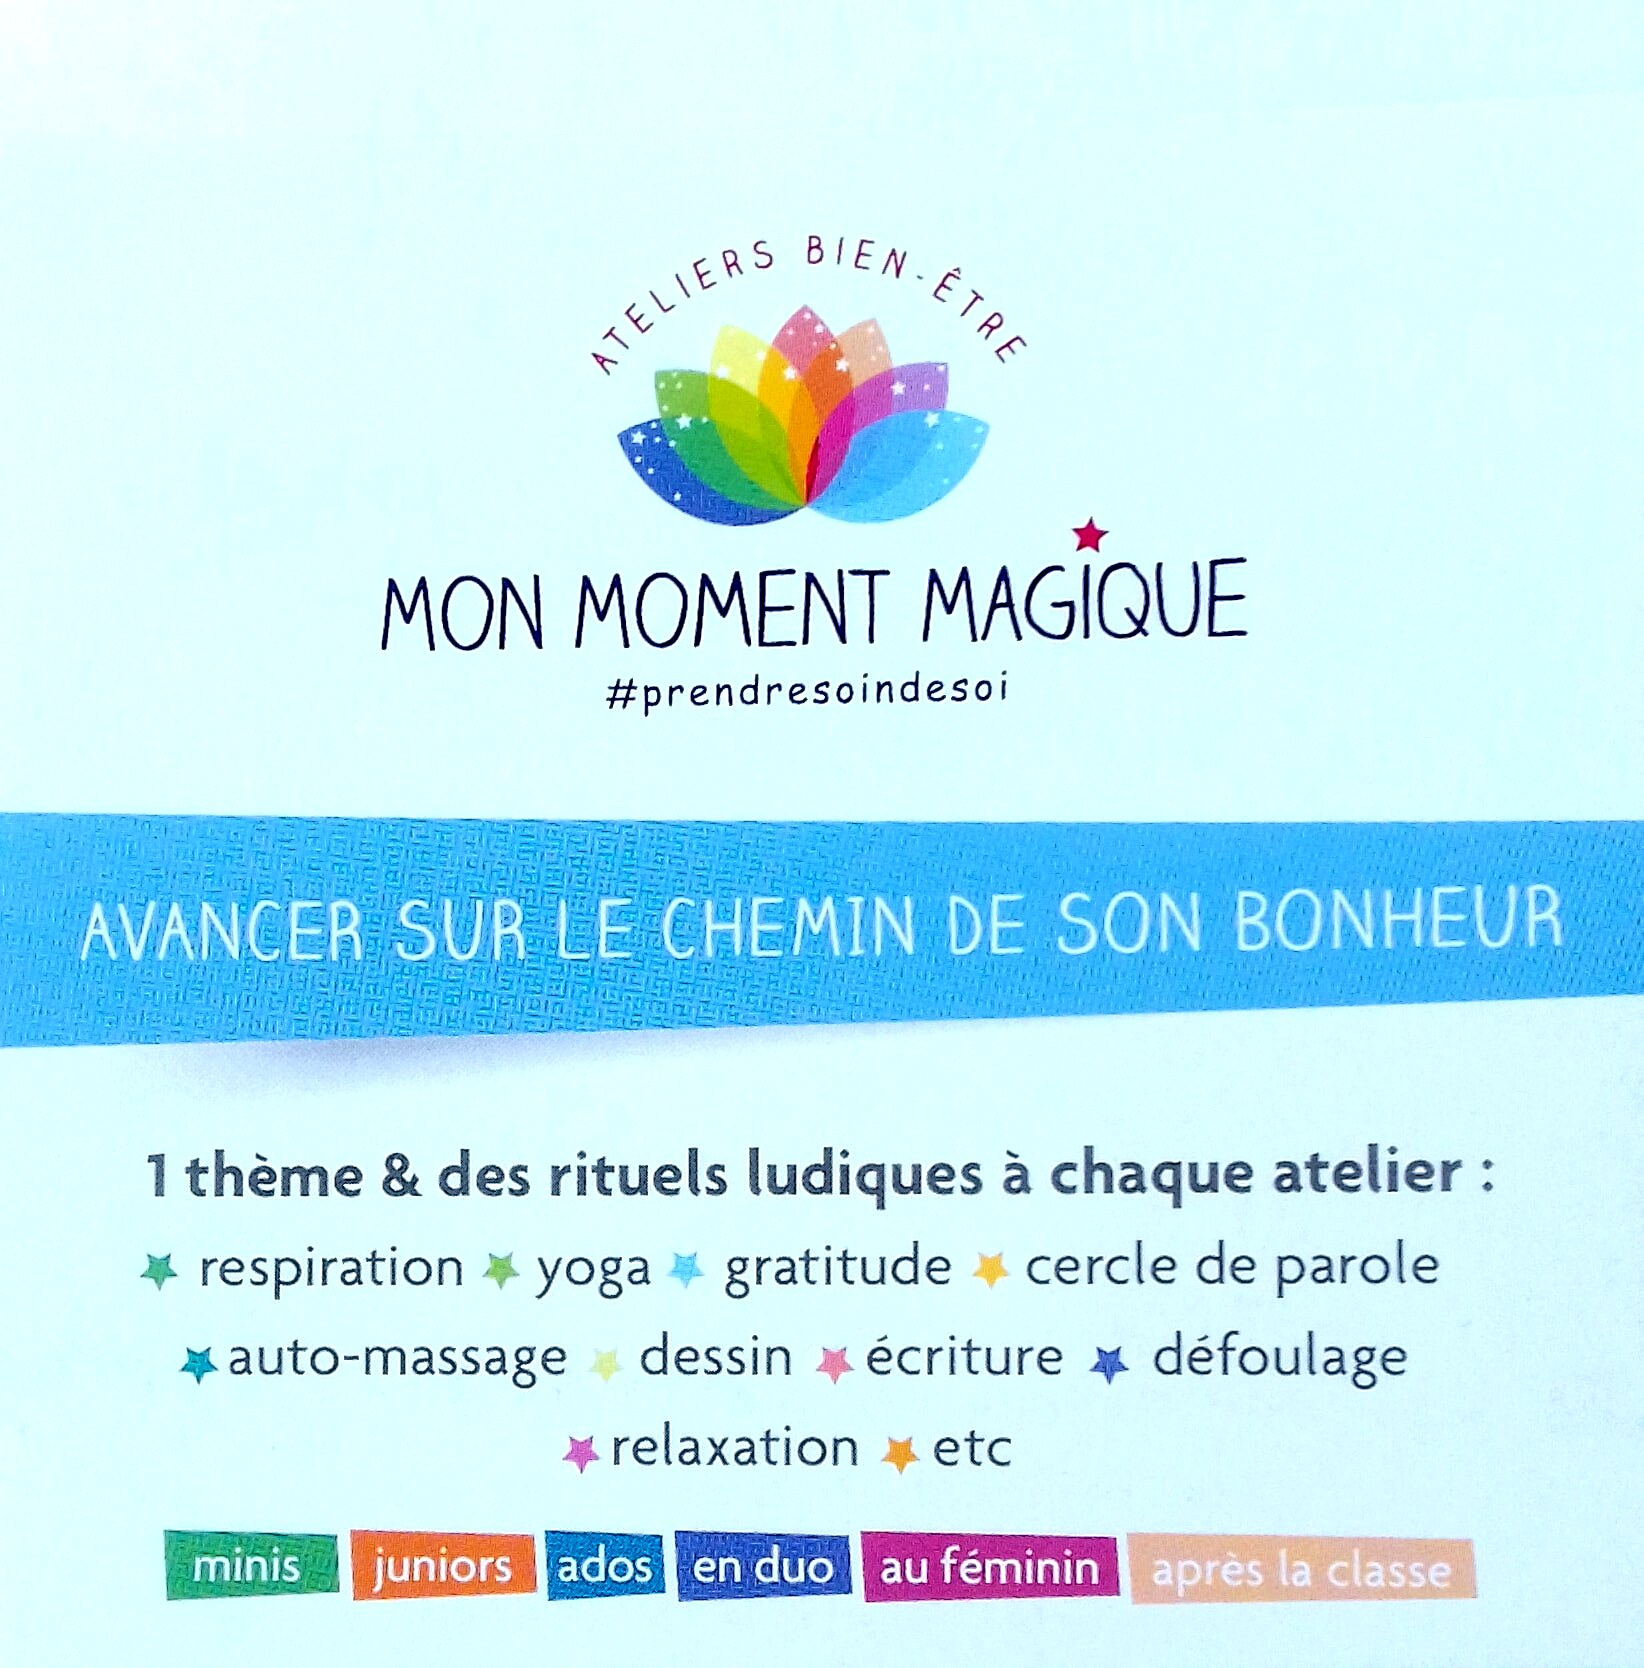 flyer-mon-moment-magique